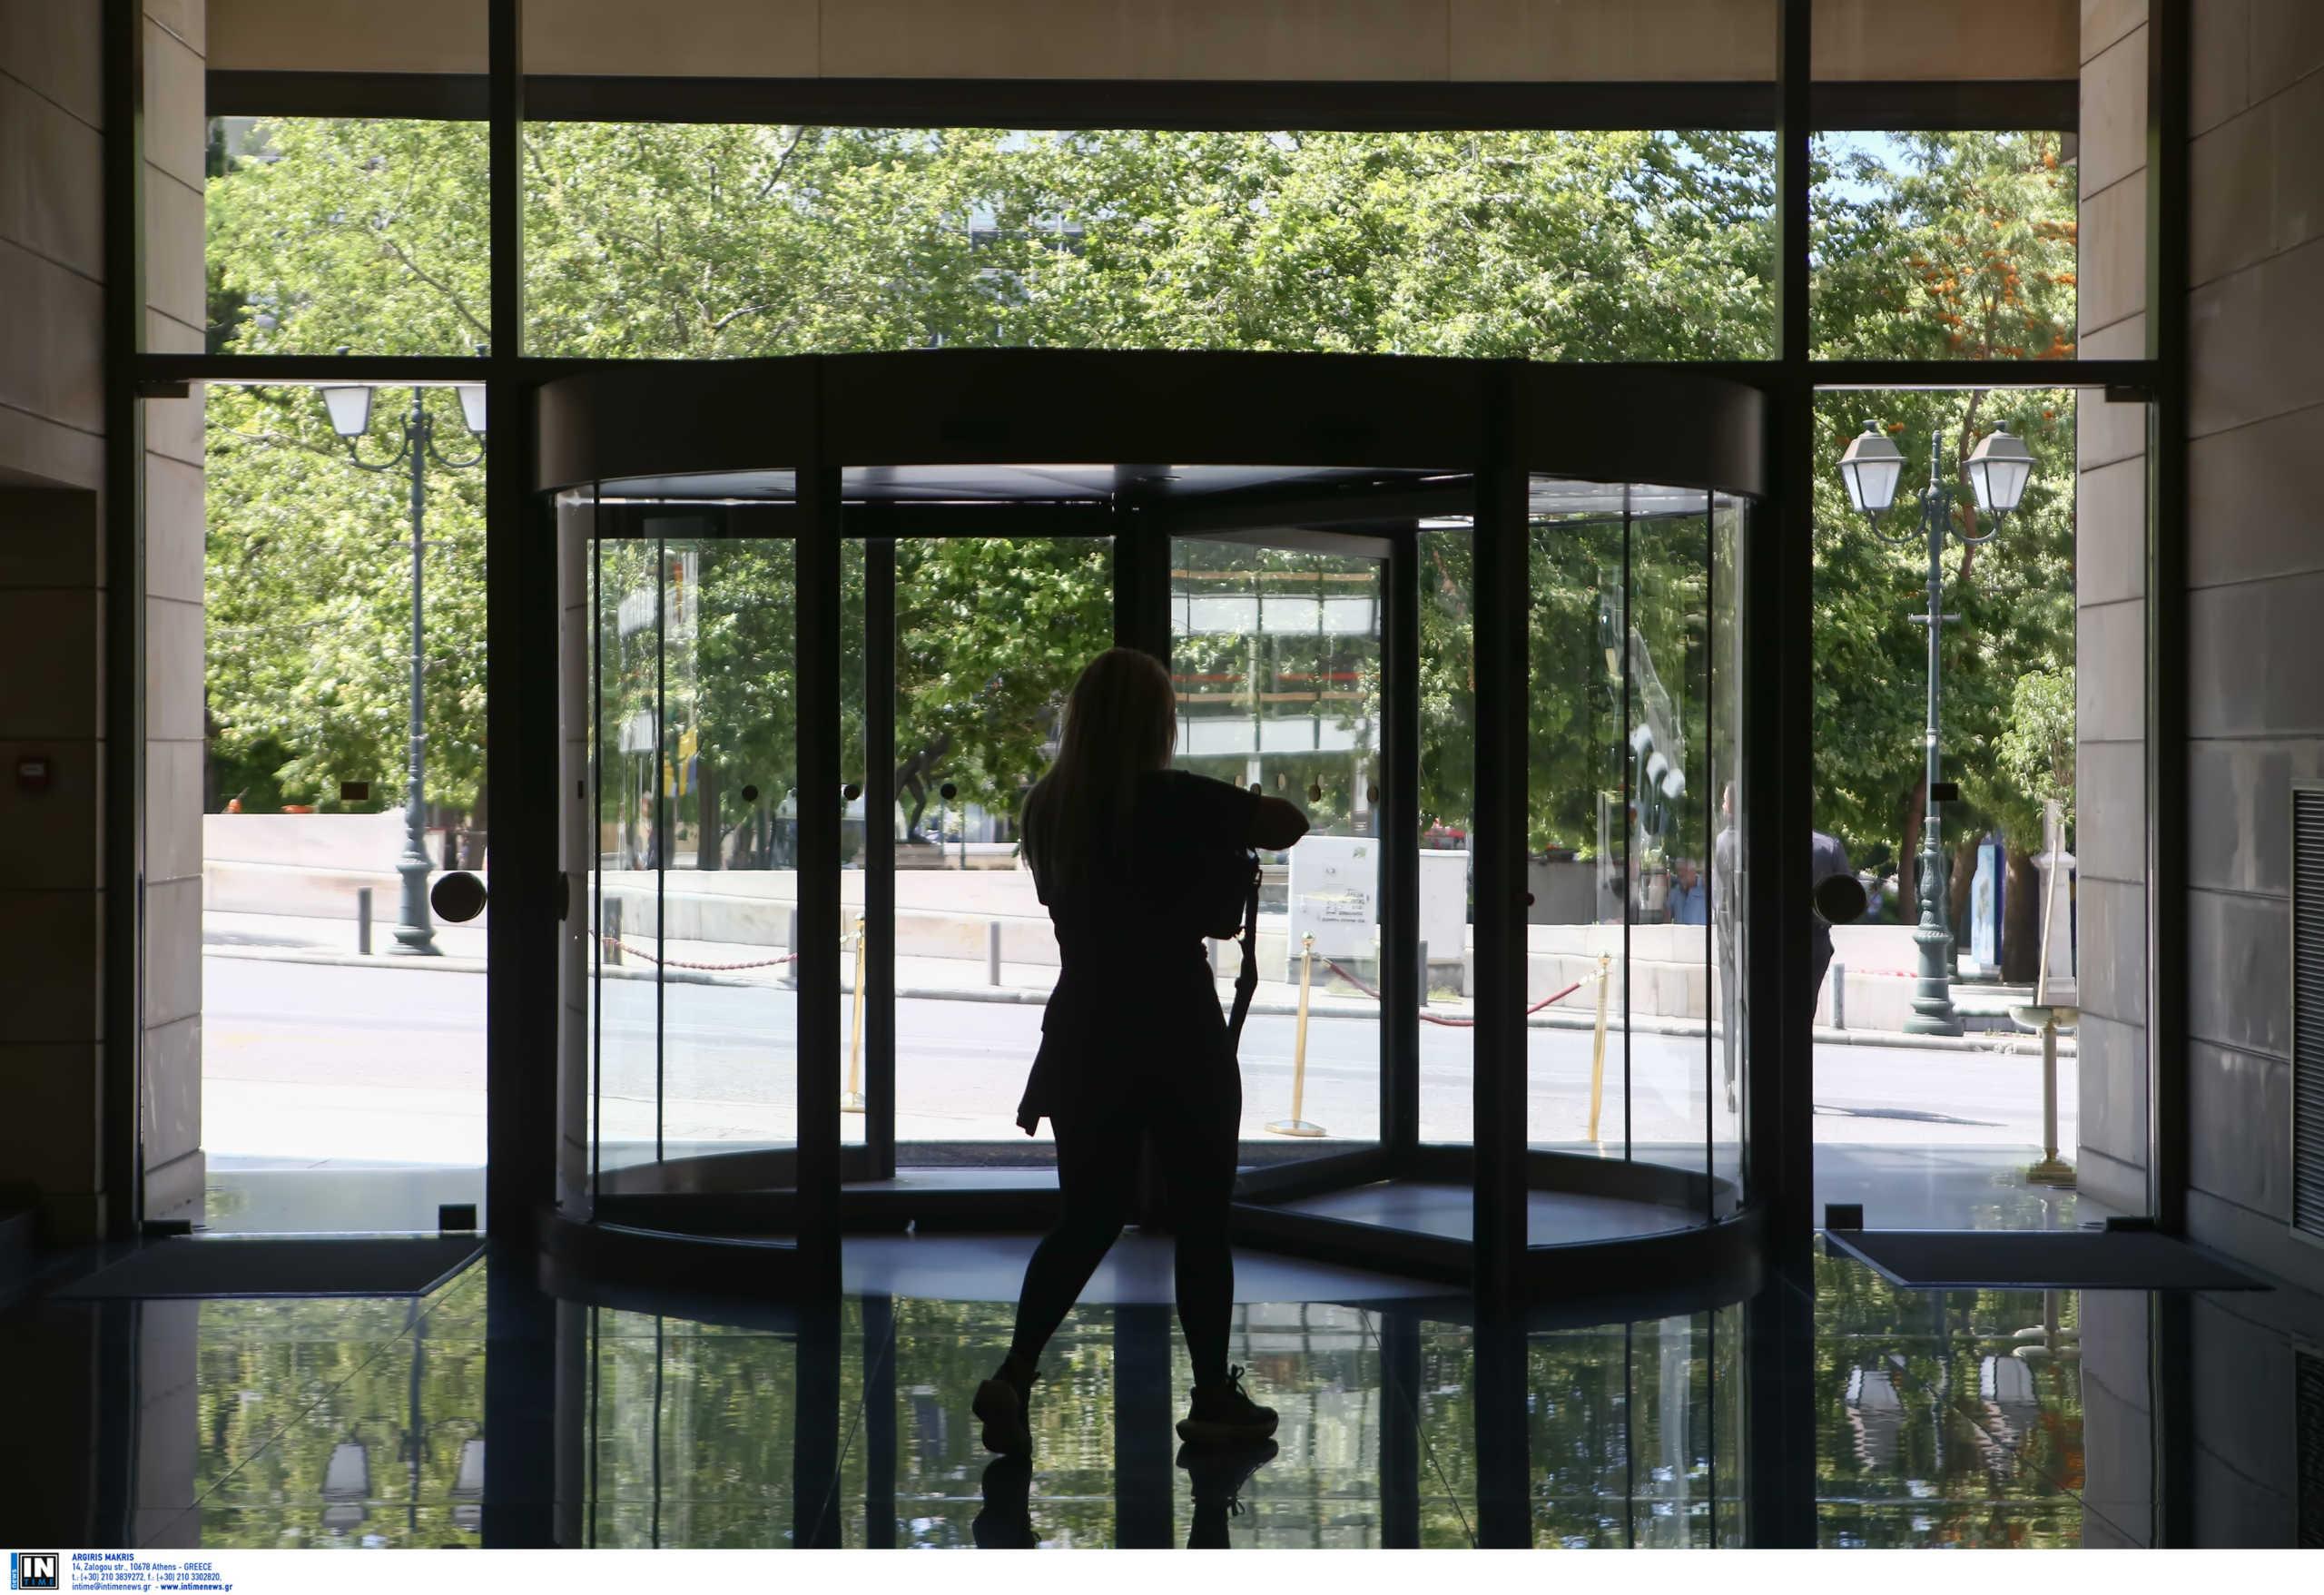 40 νέα ξενοδοχεία στην Αθήνα και νέες επενδύσεις στον τουρισμό